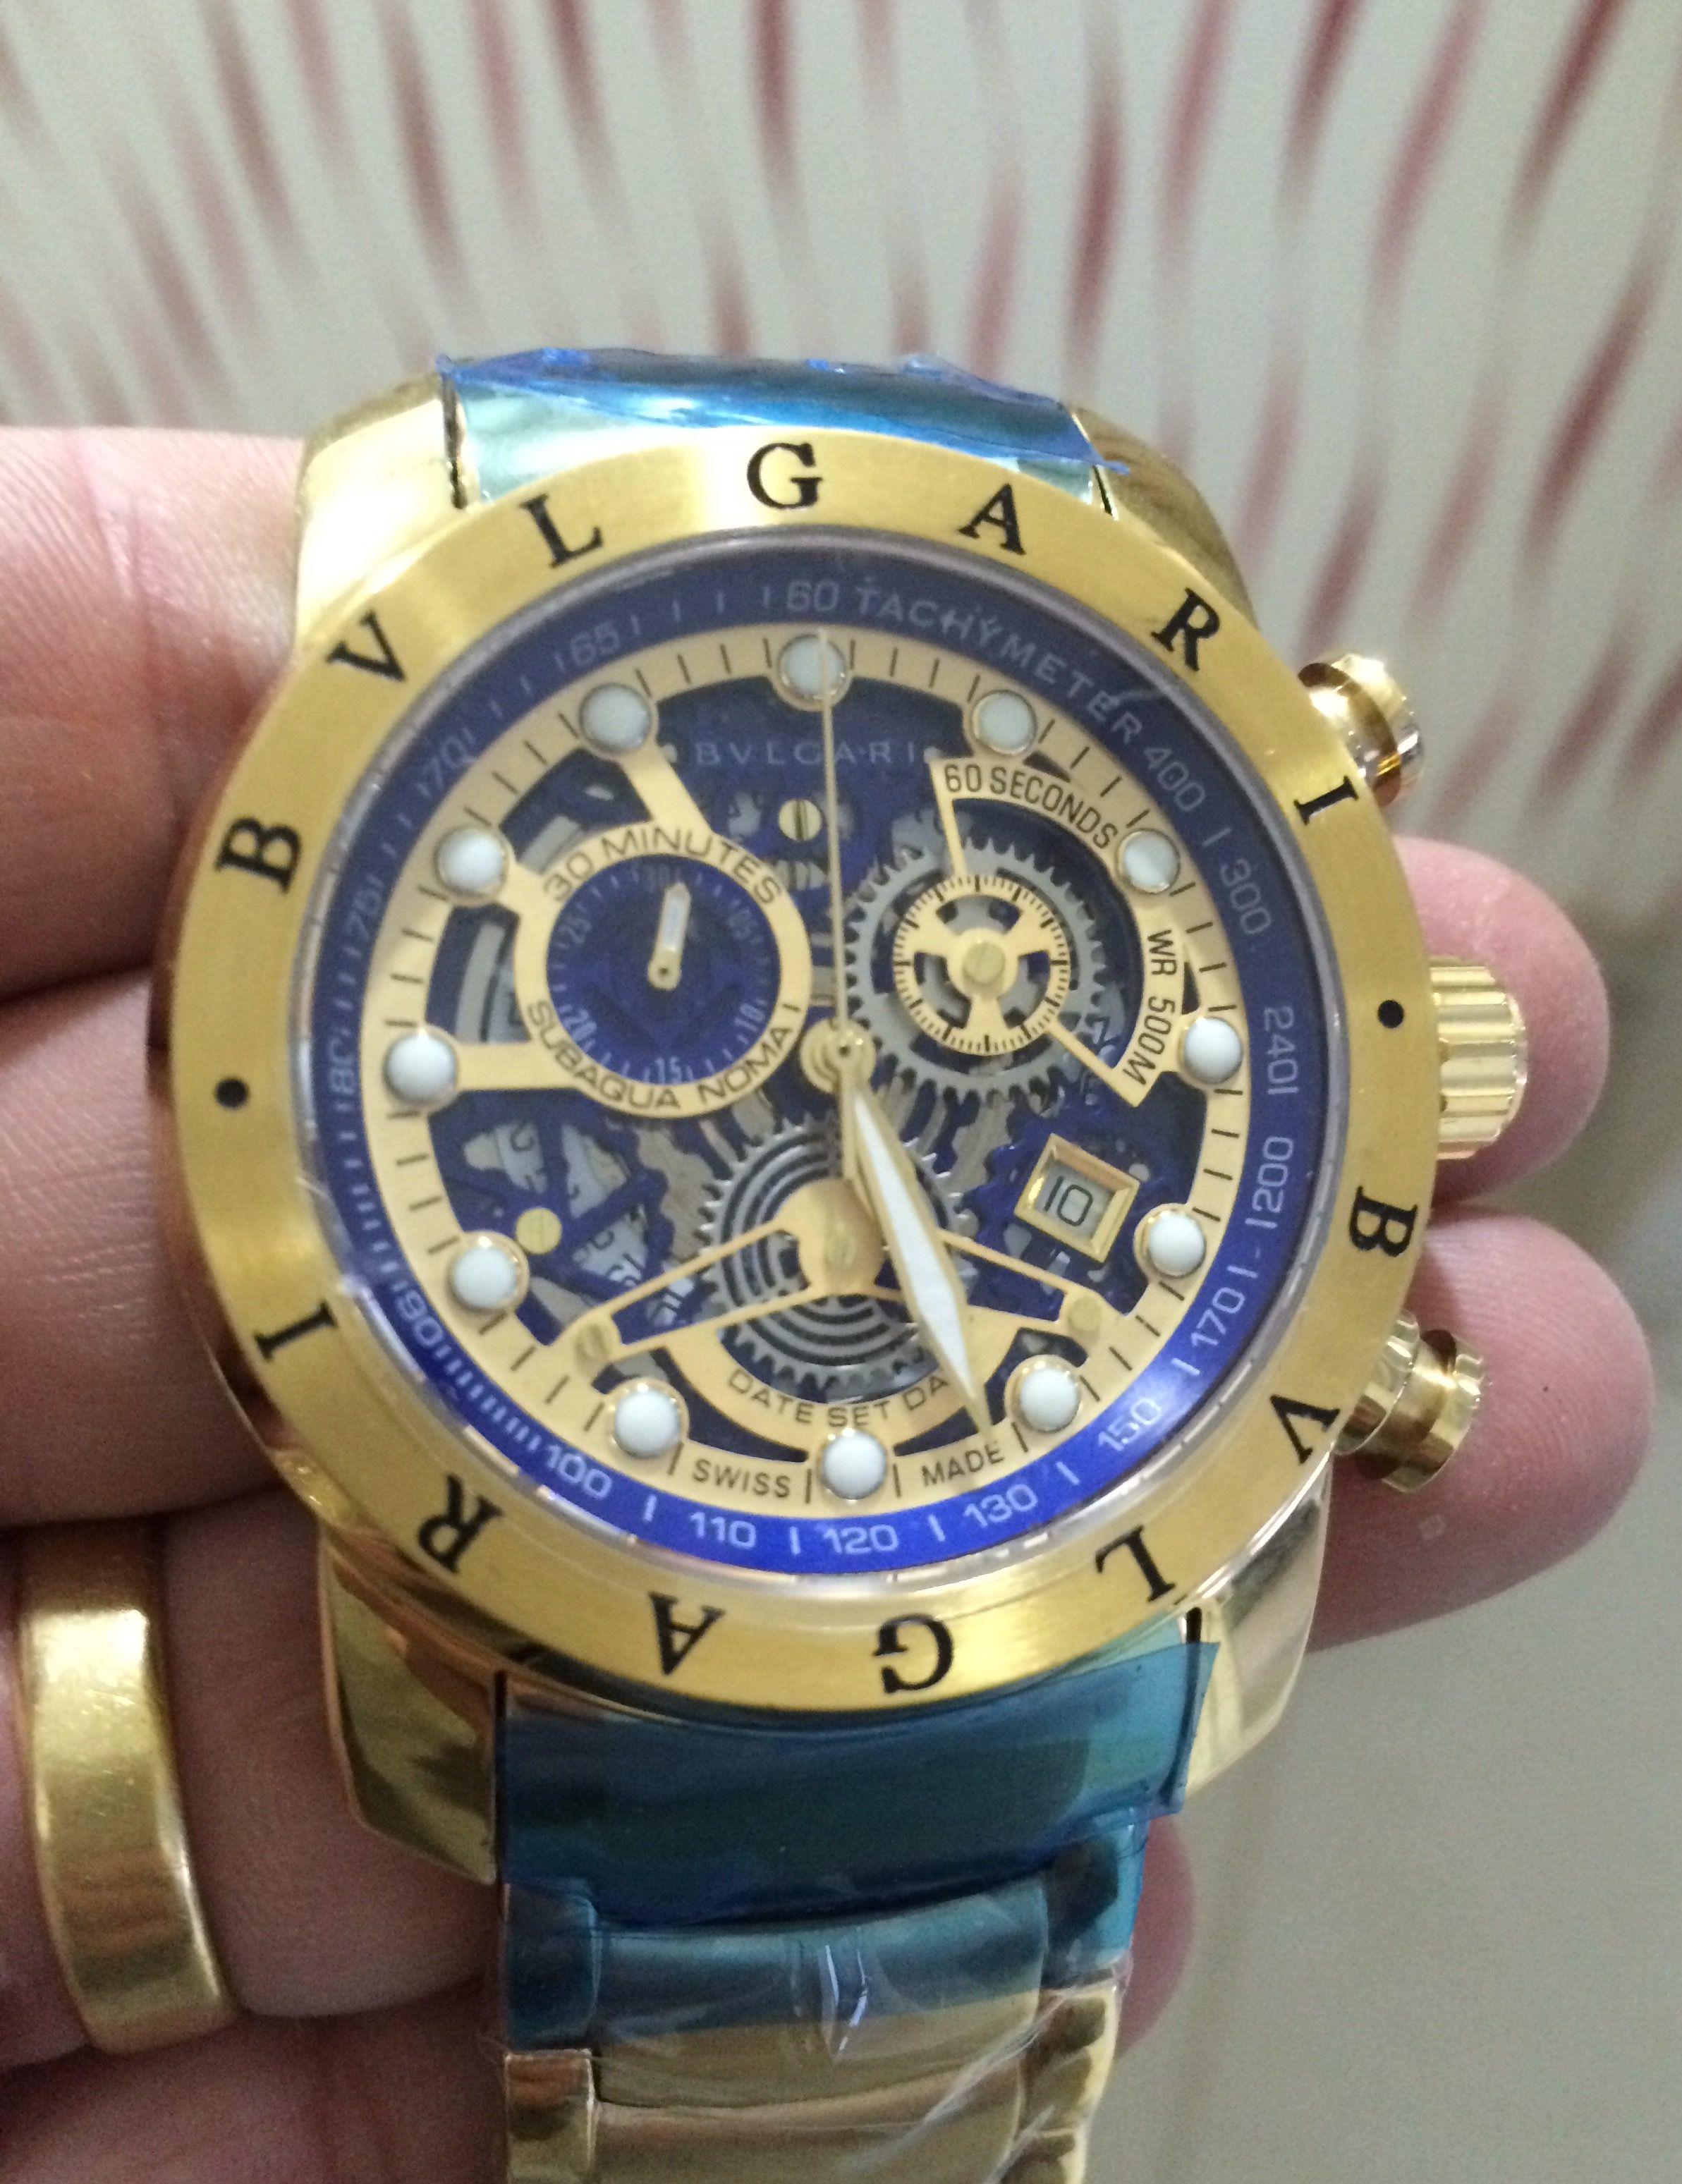 e4c8b27567c Quer ser um revendedor de relógios de luxo  Me chama no whats 19-995613780  que eu te explico como.Giuliano Relógios.